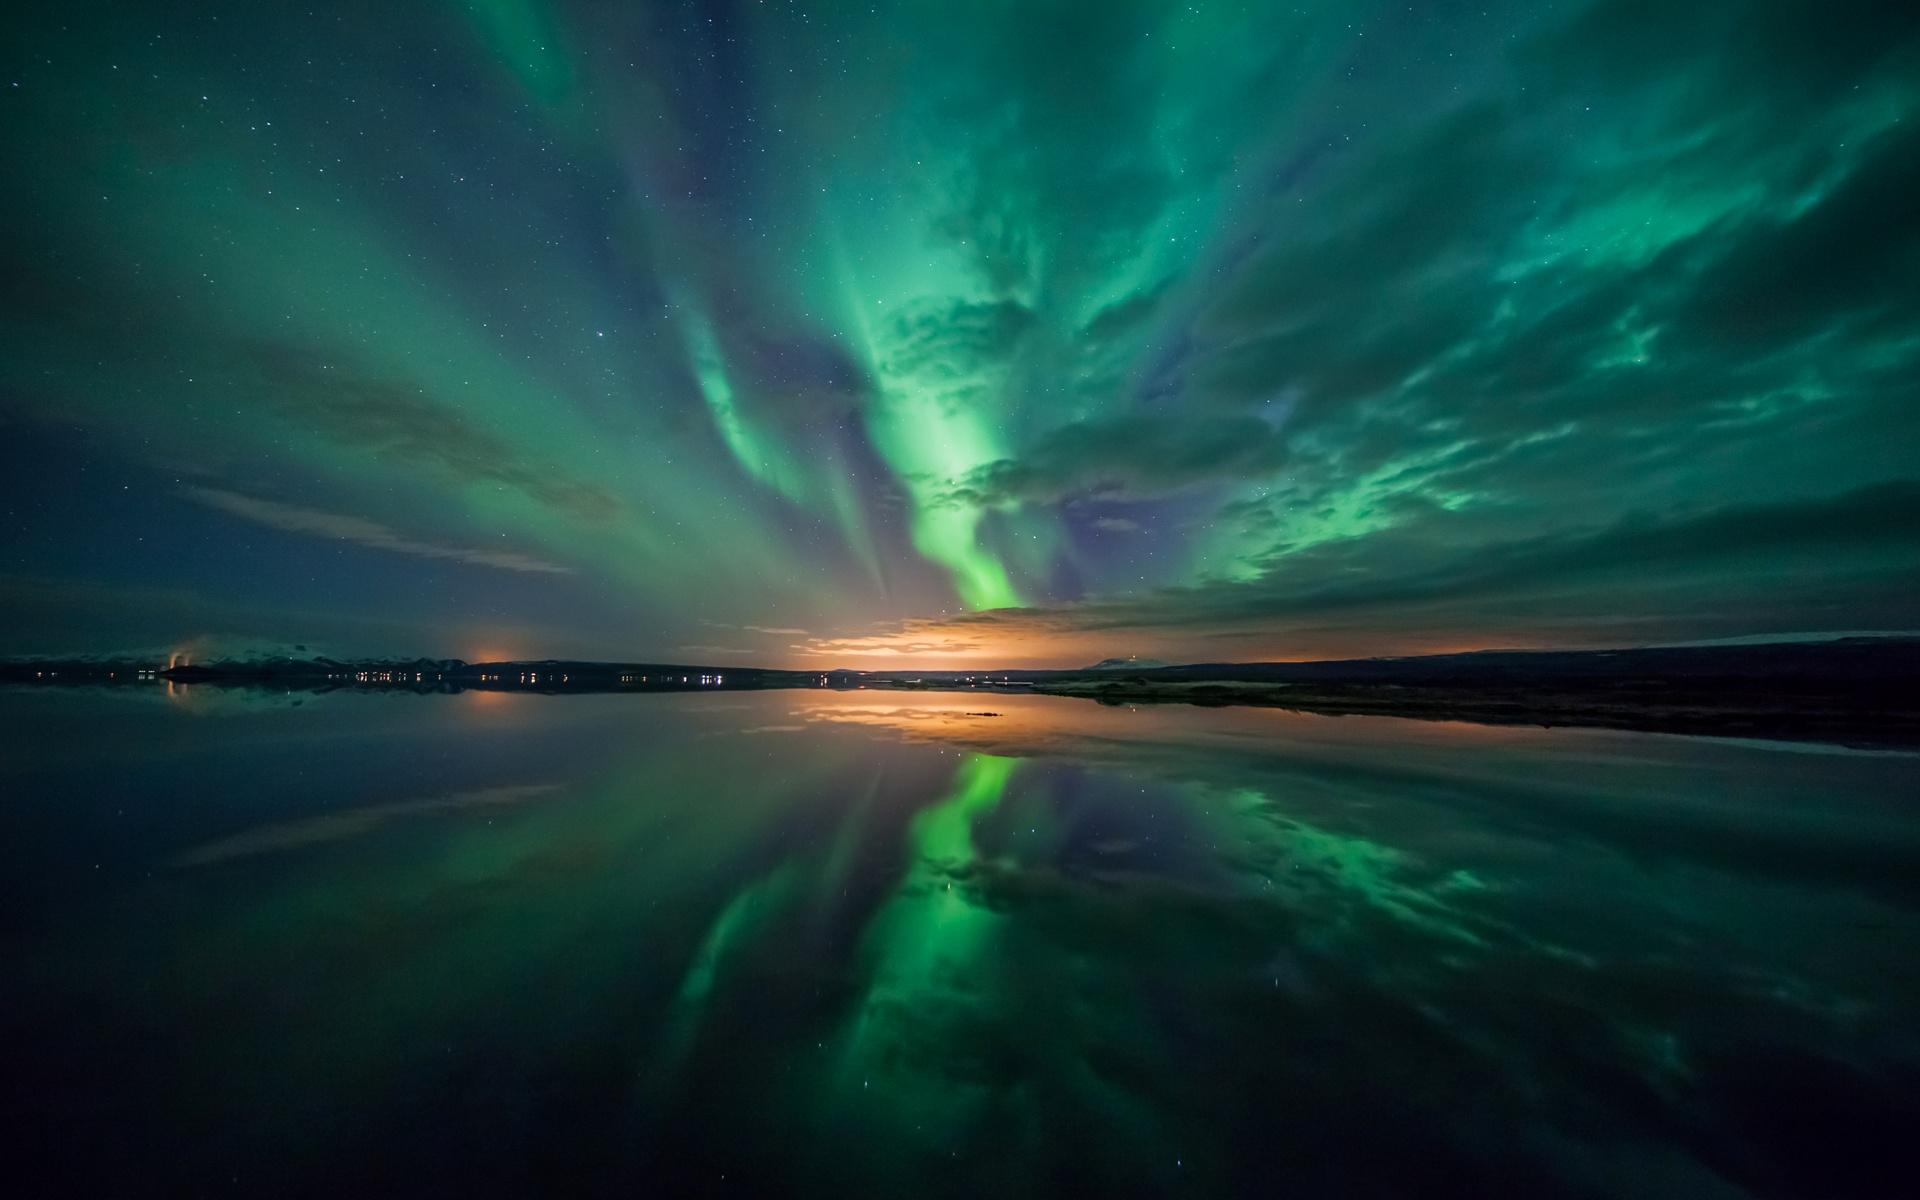 Aurora Borealis Night 1920x1200